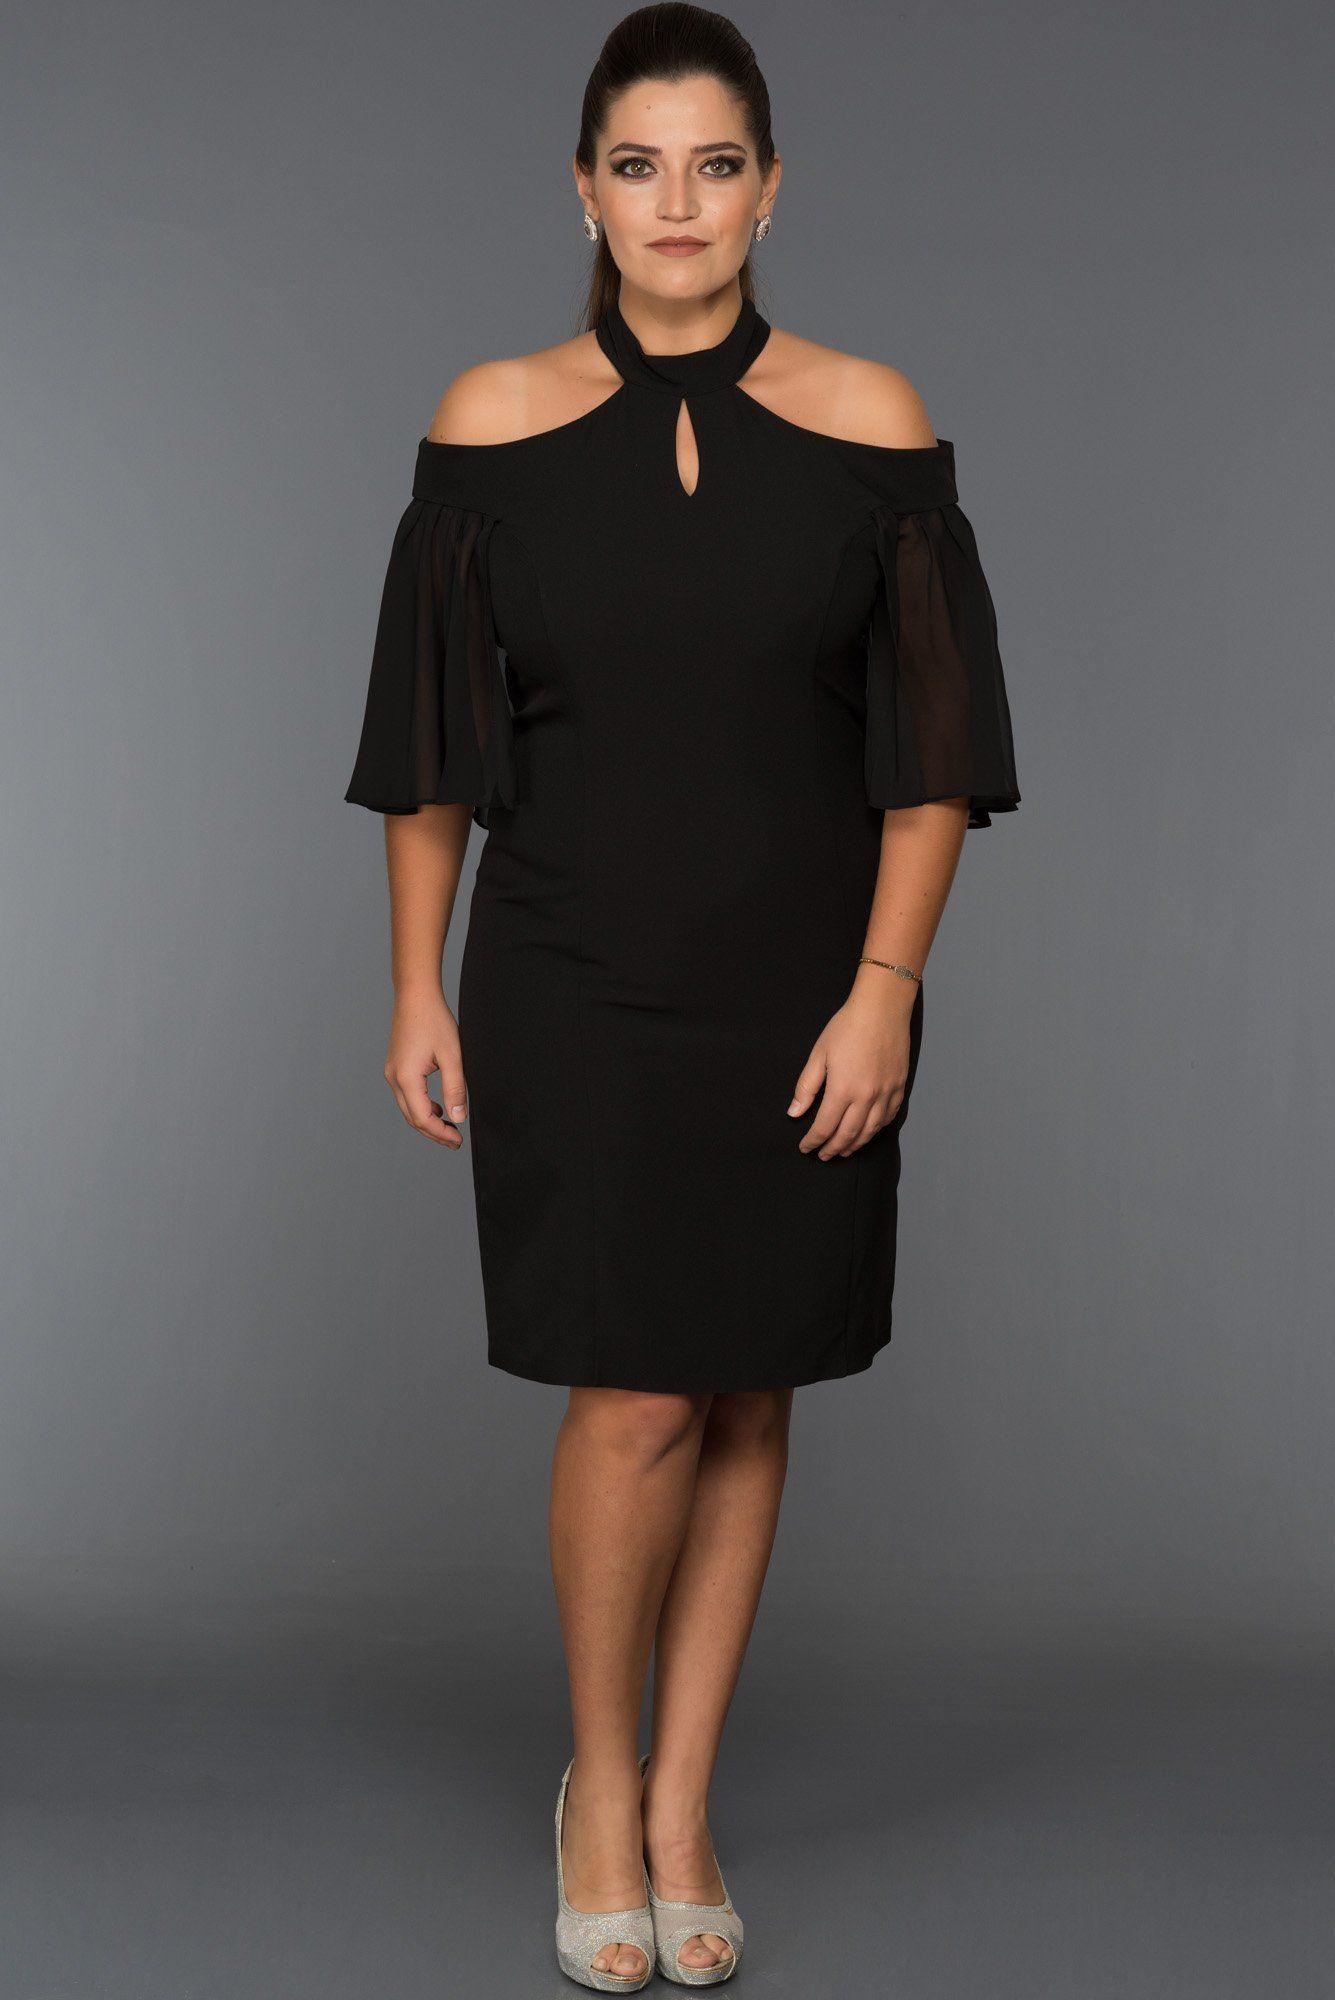 Siyah Omuz Dekolteli Buyuk Beden Elbise Abk059 Elbise The Dress Giyim